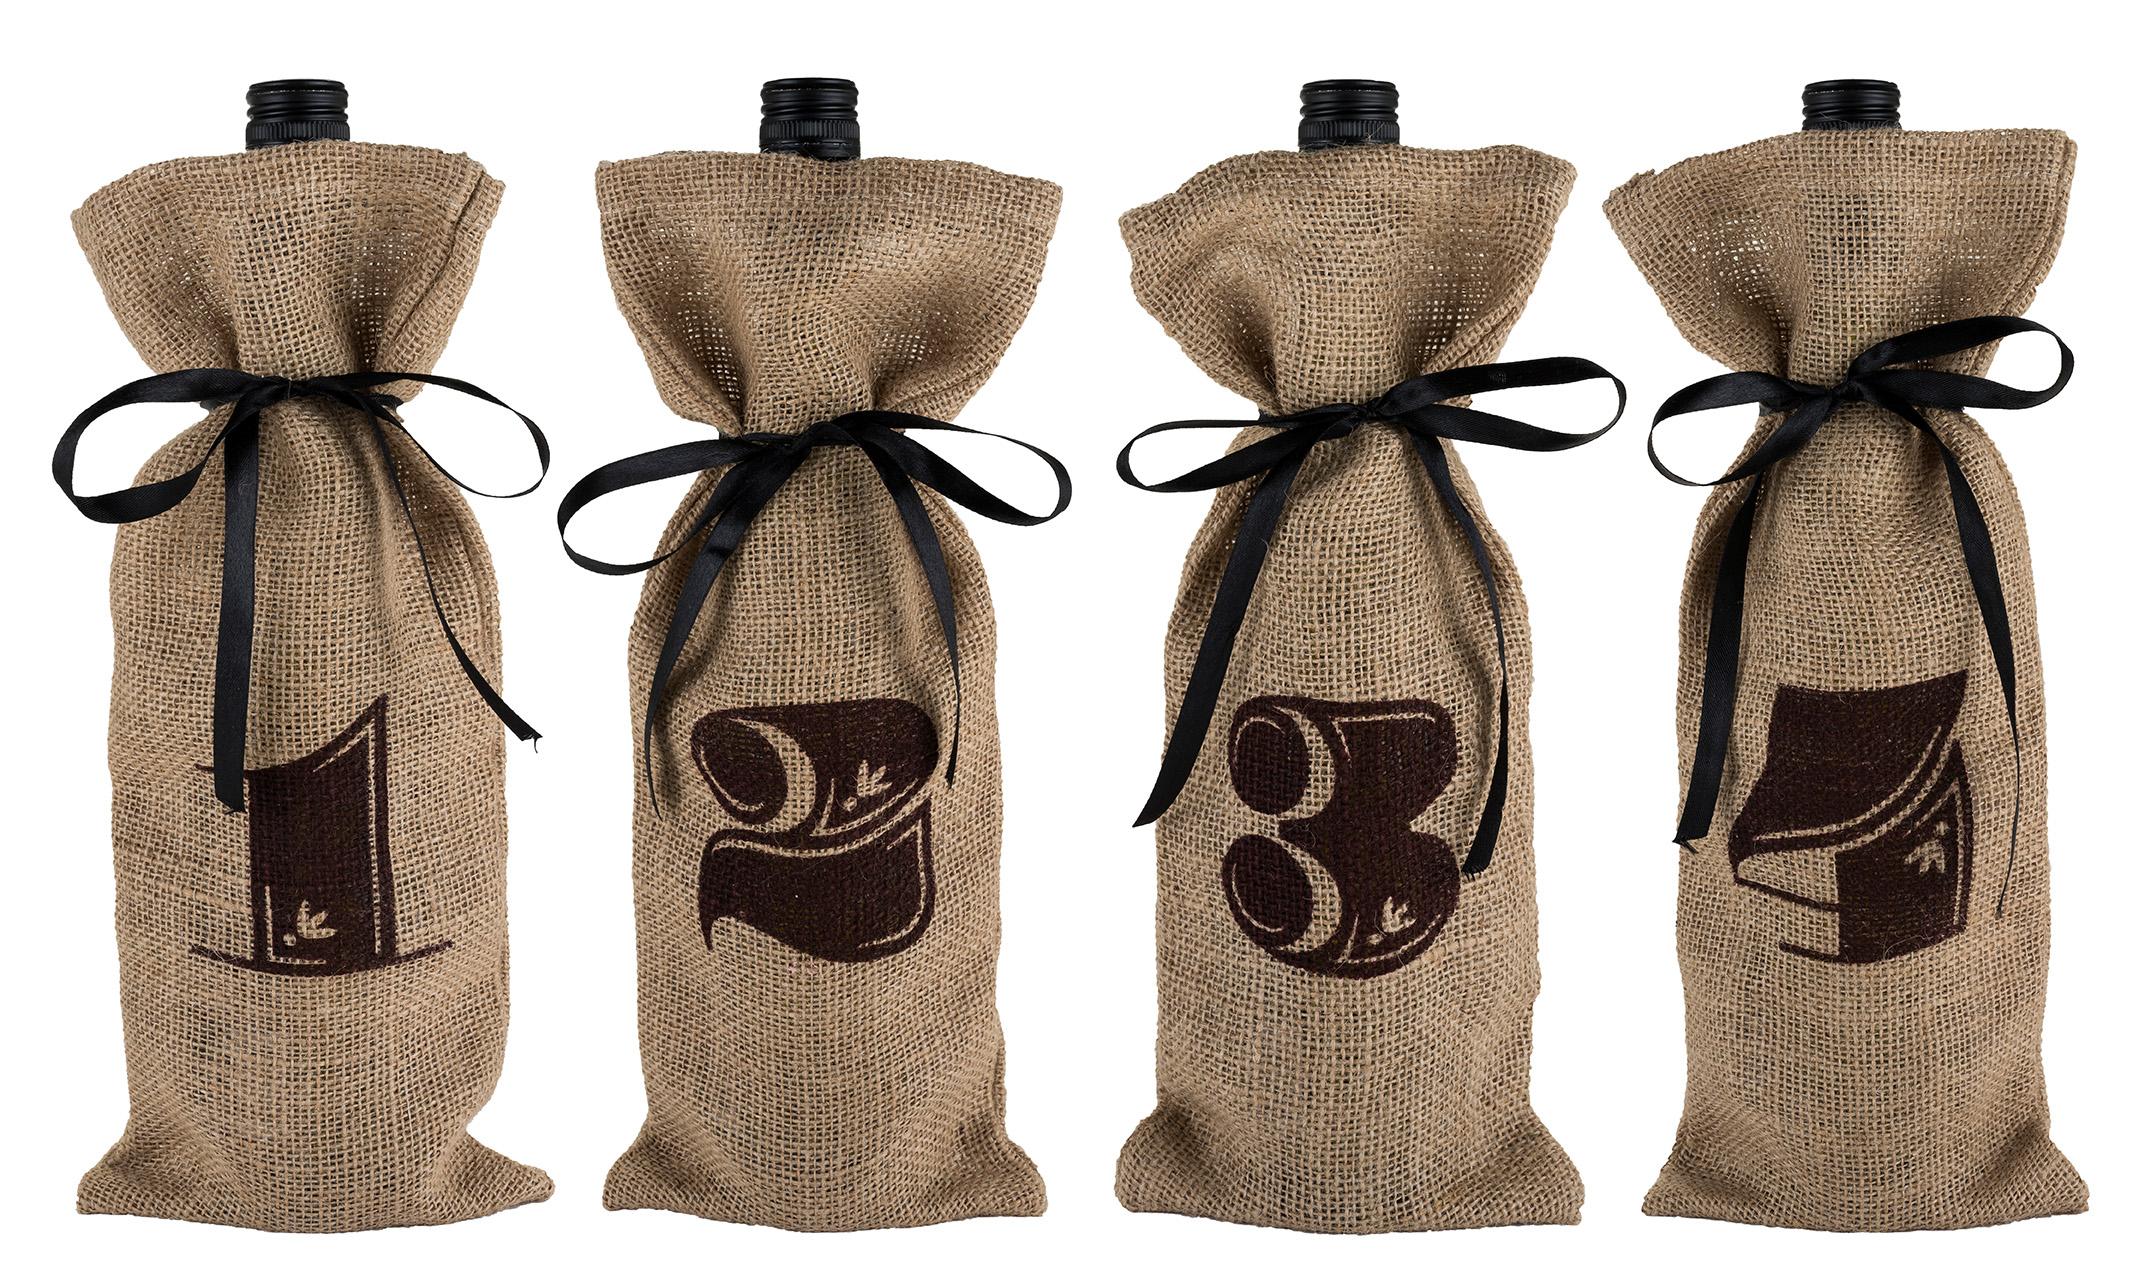 Jute Bag Wine Tasting Kit